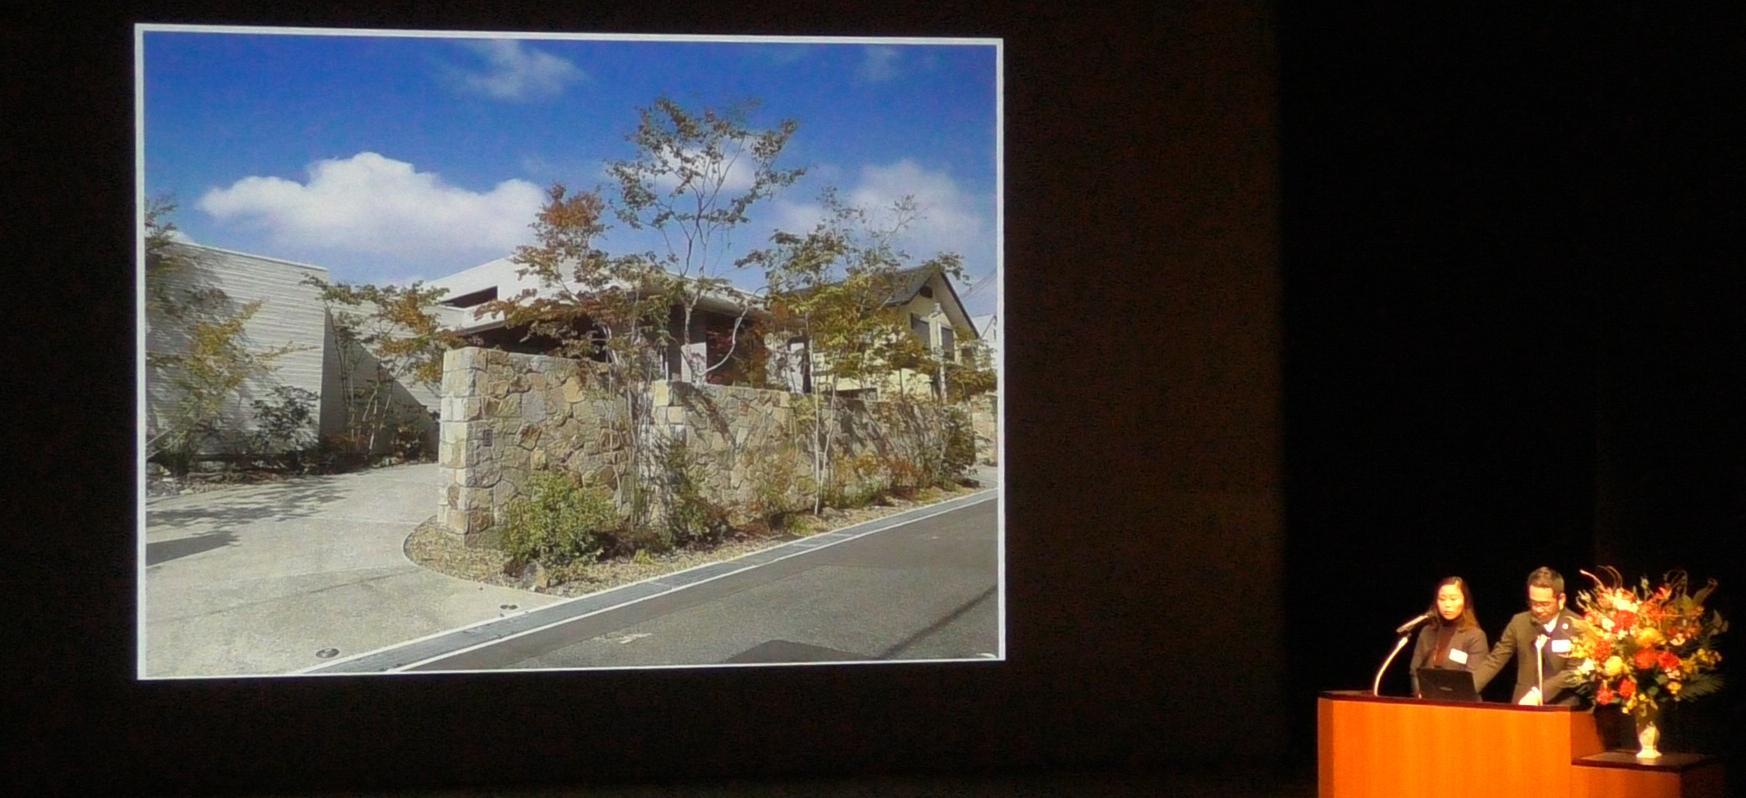 岡村隆行氏・藤原育美氏(積水ハウス)の「構える家 ひらく緑」がグランプリに輝く/第7回JEGデザインコンテスト2019